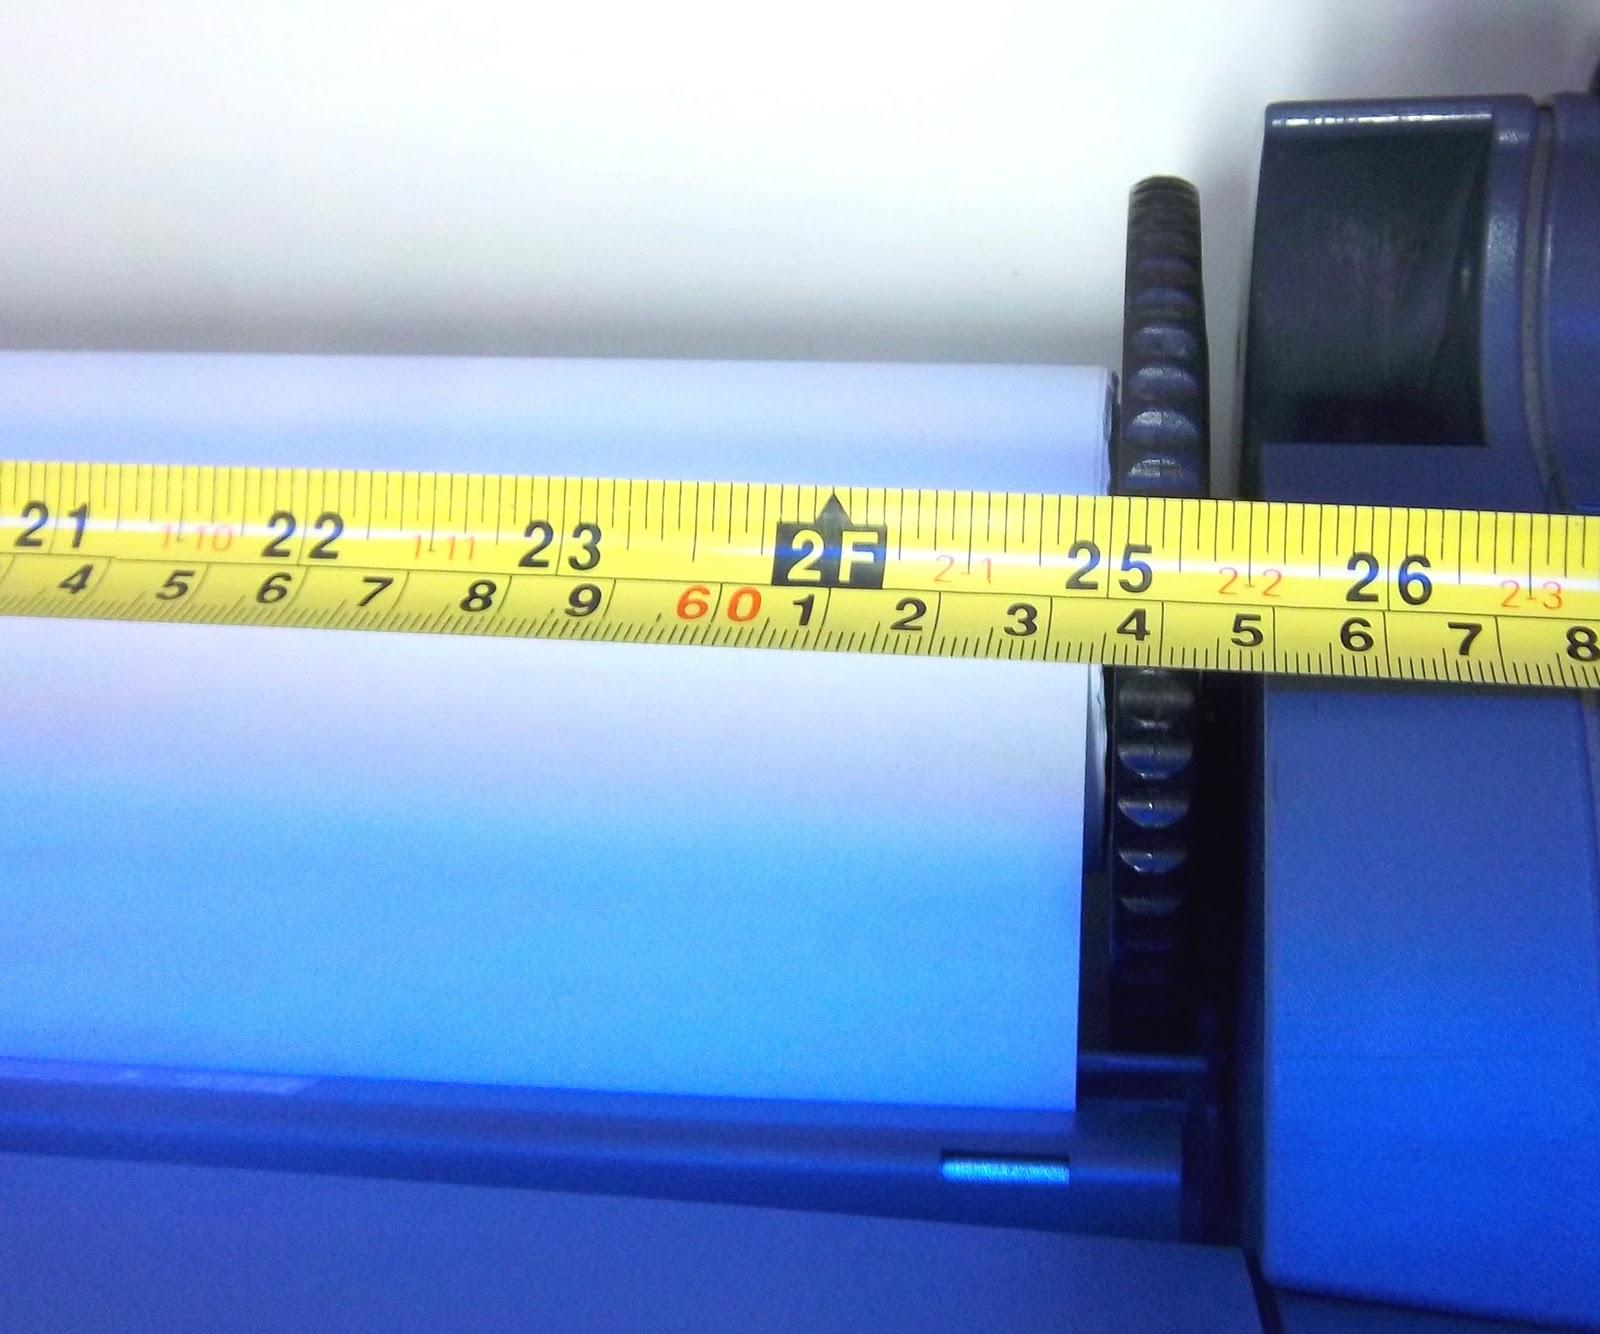 Tamanho do Rolo de Papel para Plotter HP T120 em detalhe